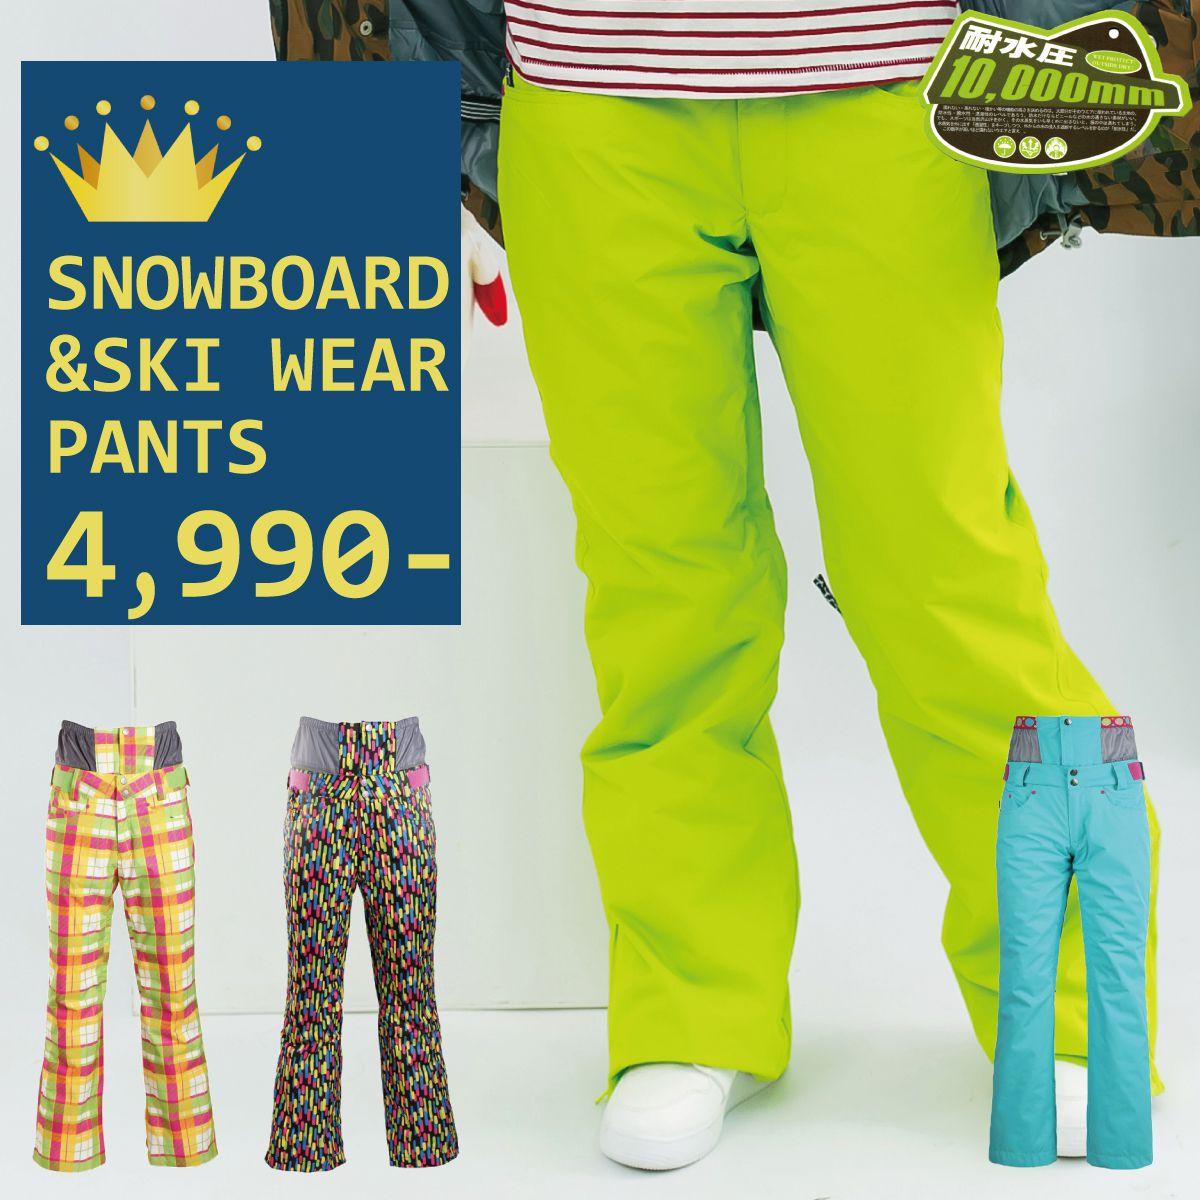 【5周年感謝セール】スキーウェア スノーボードウェア パンツ単品 レディース S/M/Lサイズ女性用 スノボ ウェア- ウエア スノーウェア